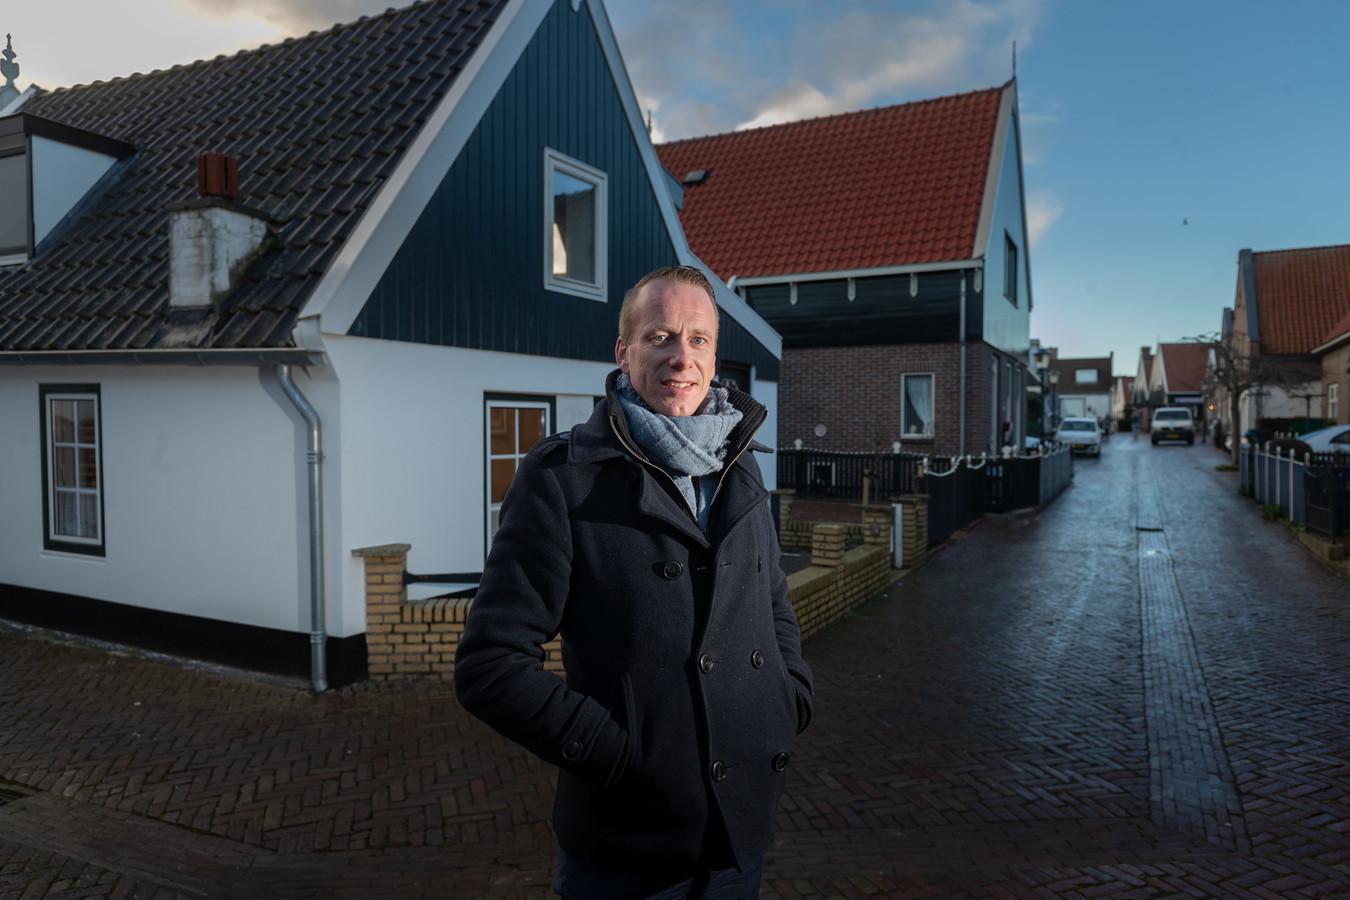 Cees van den Bos vertelt over zijn eerste 100 dagen als burgemeester op Urk.